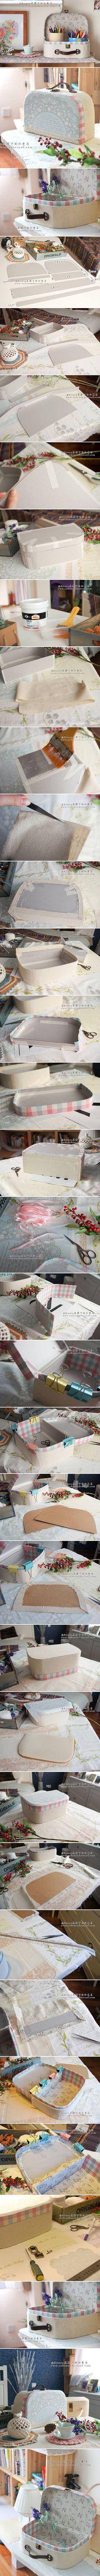 #decoración maleta DIY Retro Cosmetic Case